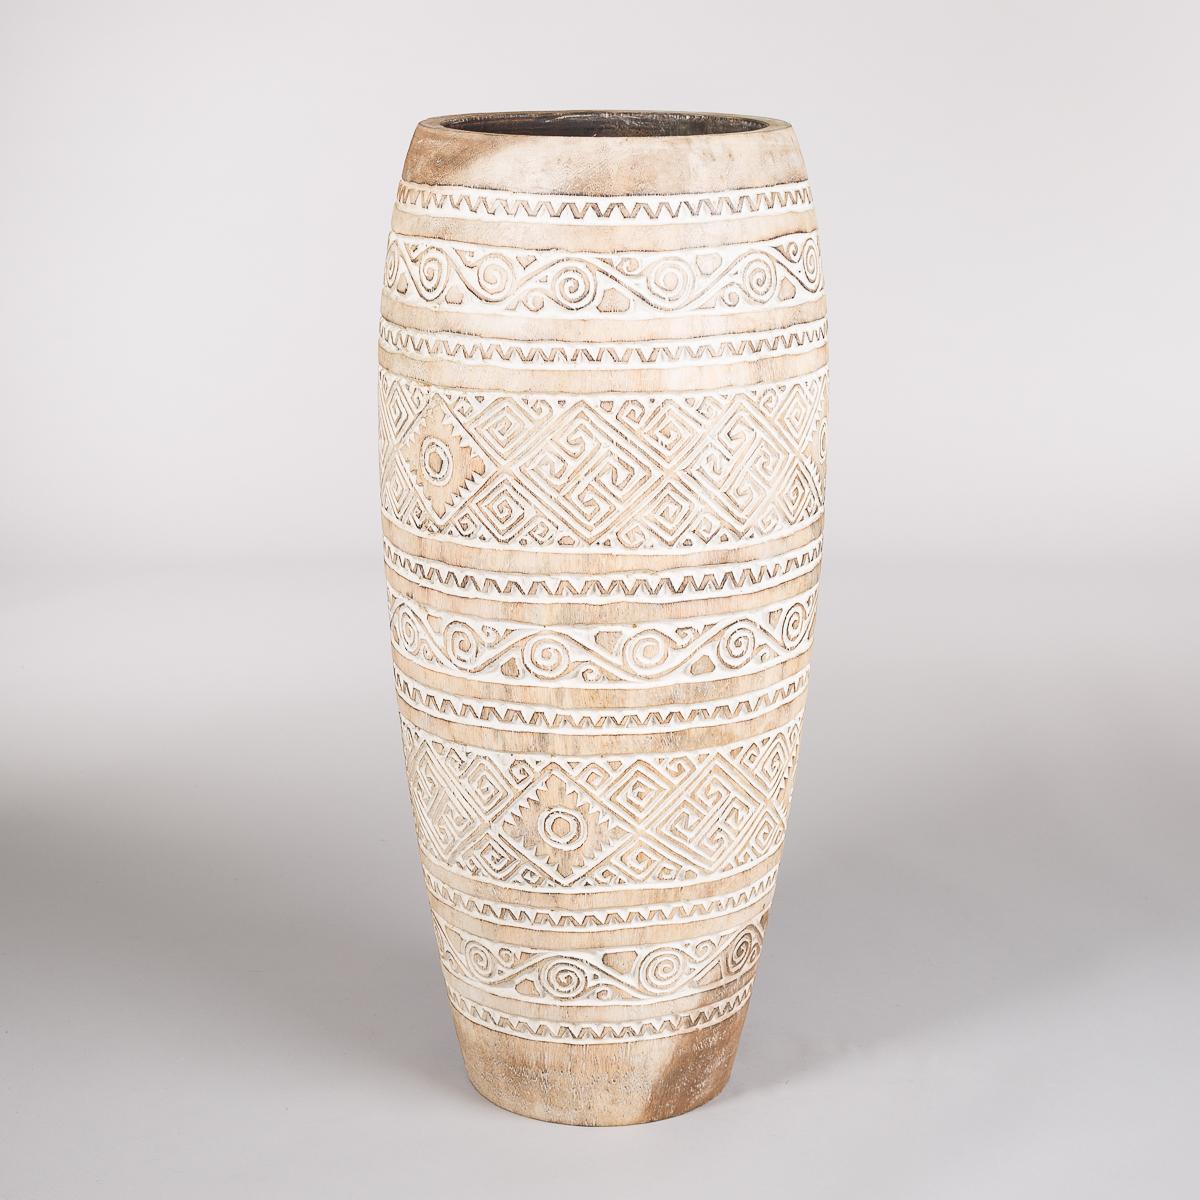 Uthulet potte i tamarind tre, Høyde 80 cm, farge Brun / hvit-0